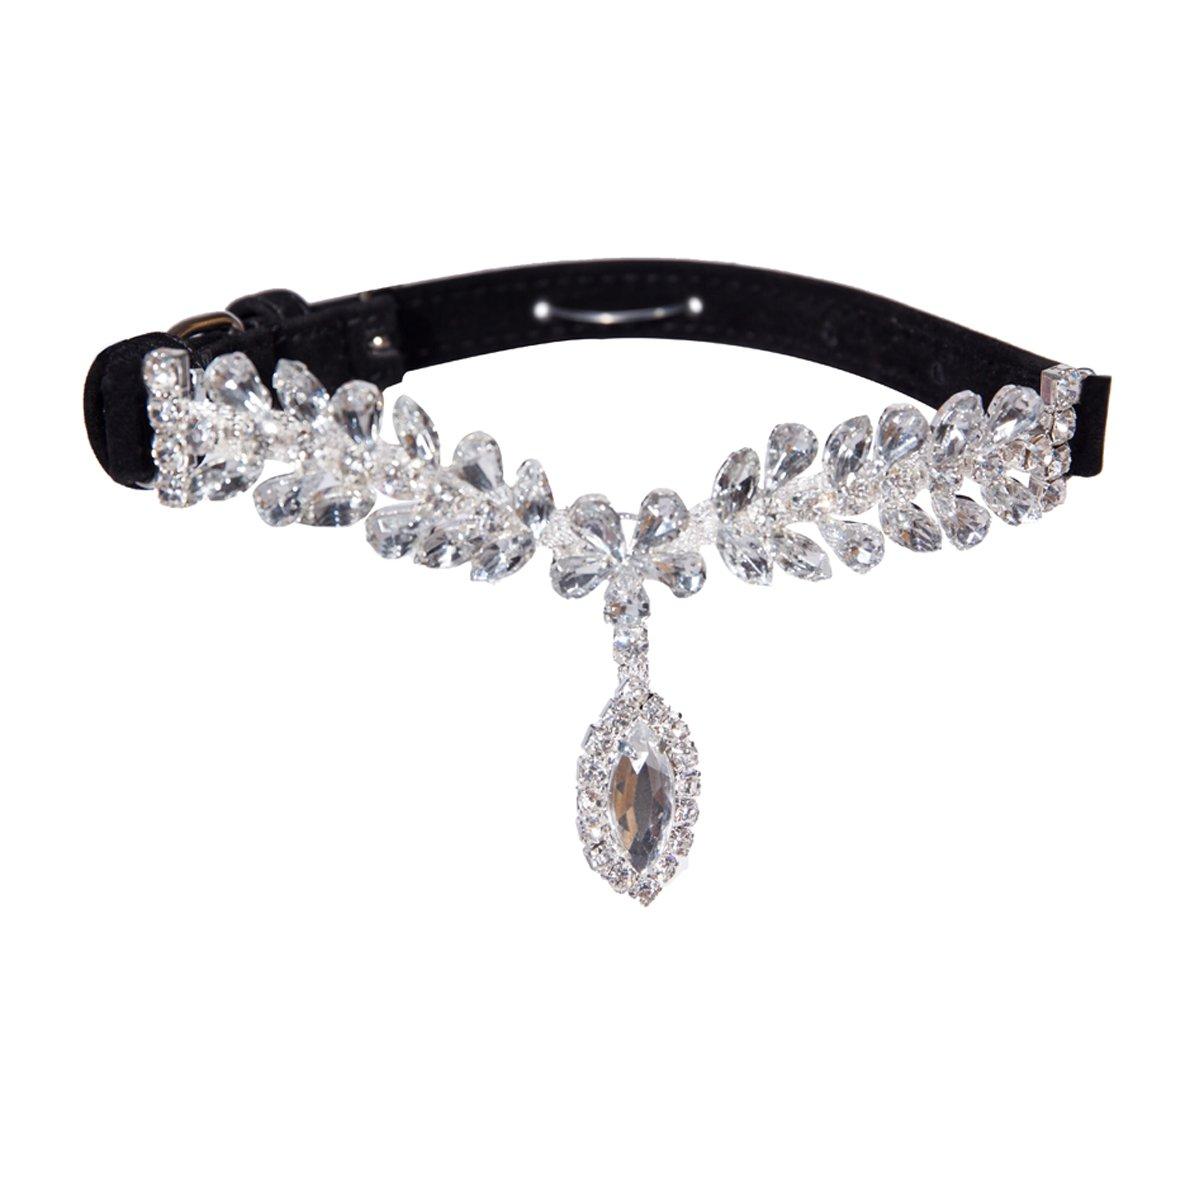 EXPAWLORER Black Fashion Jeweled Diamante Dog Cat Puppy Collars Necklace Style by EXPAWLORER (Image #1)